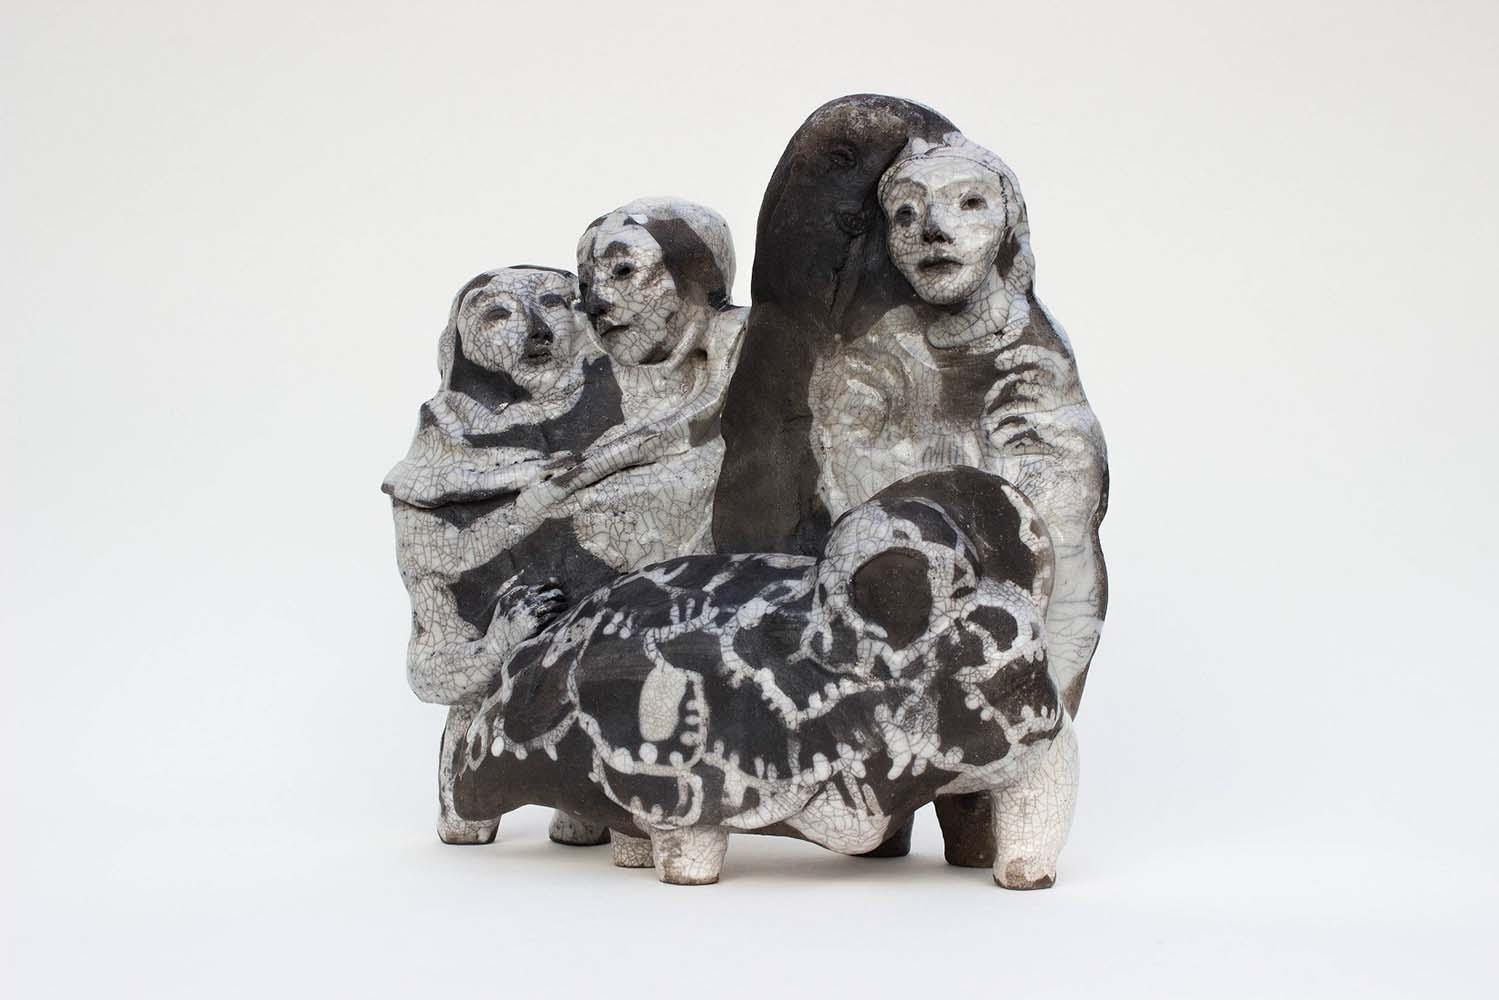 OSMOSE(S), Sculpture #10, 2018 - Céramique raku, 30x29x14cm